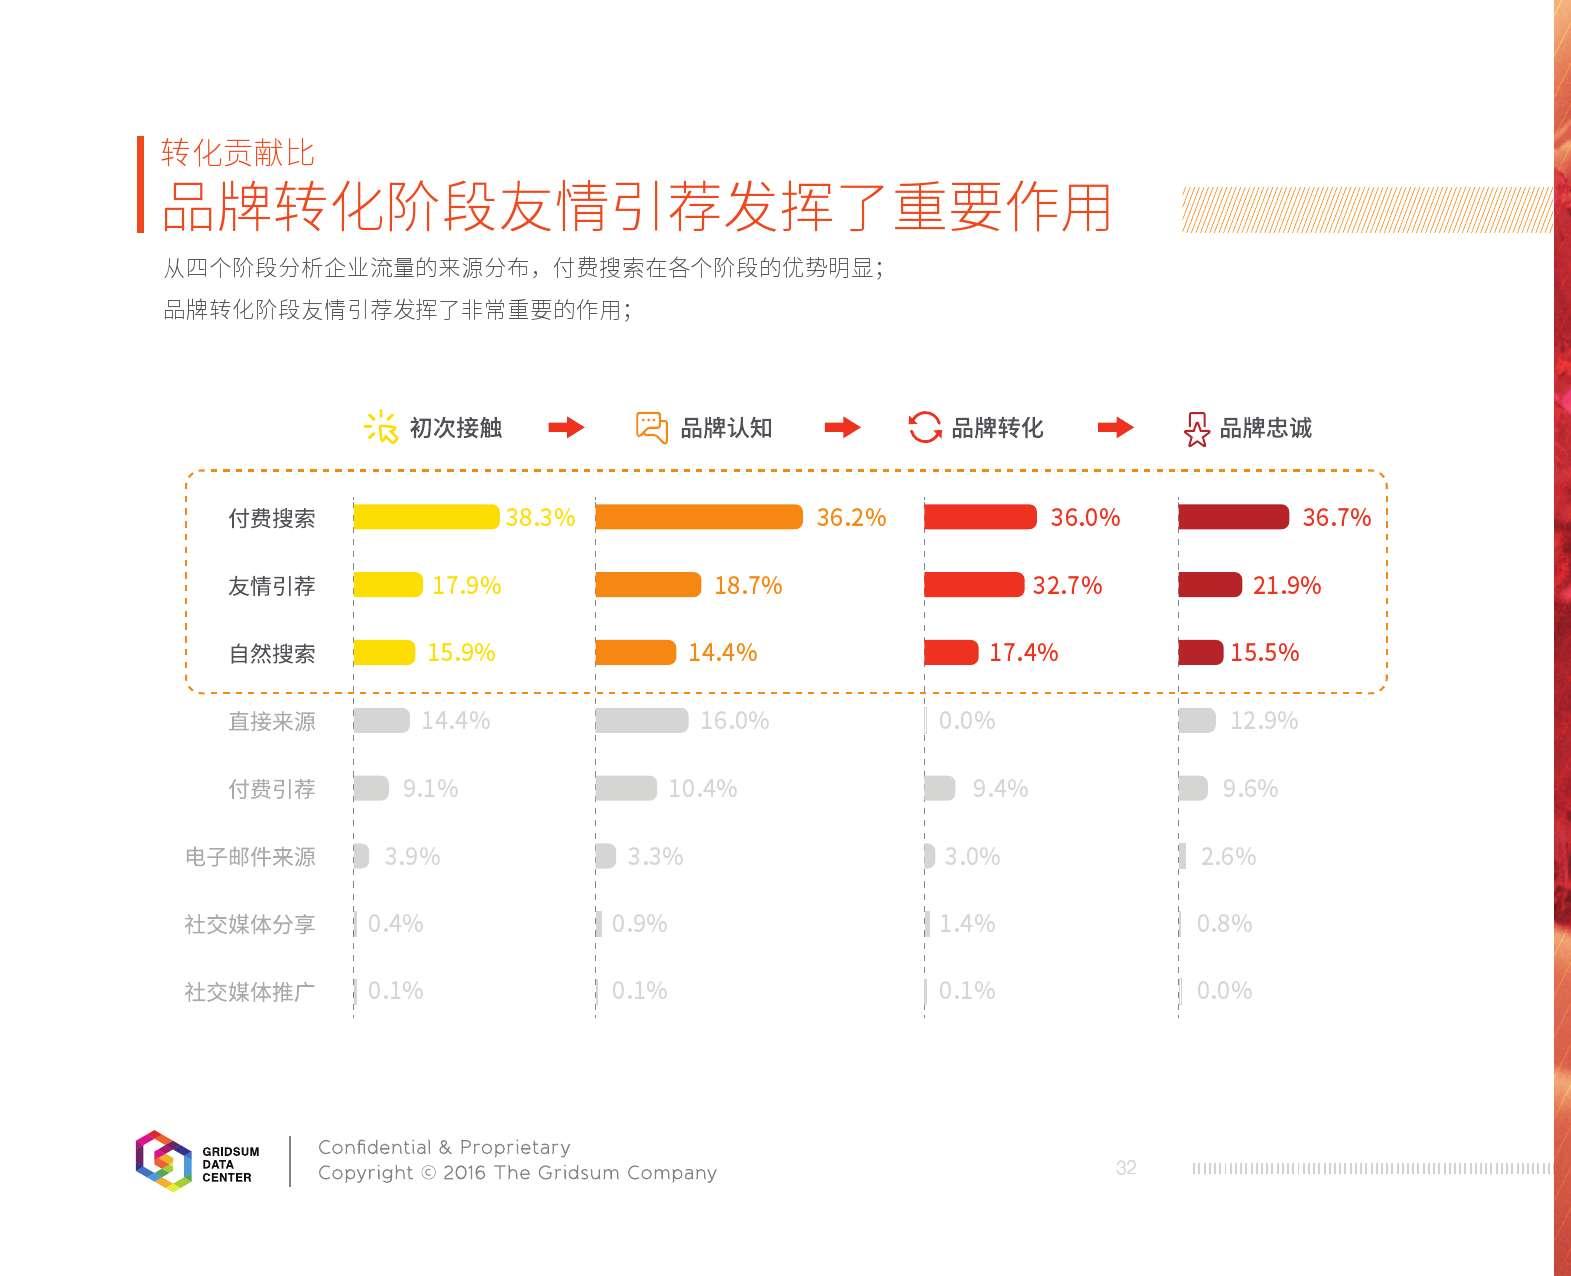 2015中国互联网发展报告_000034